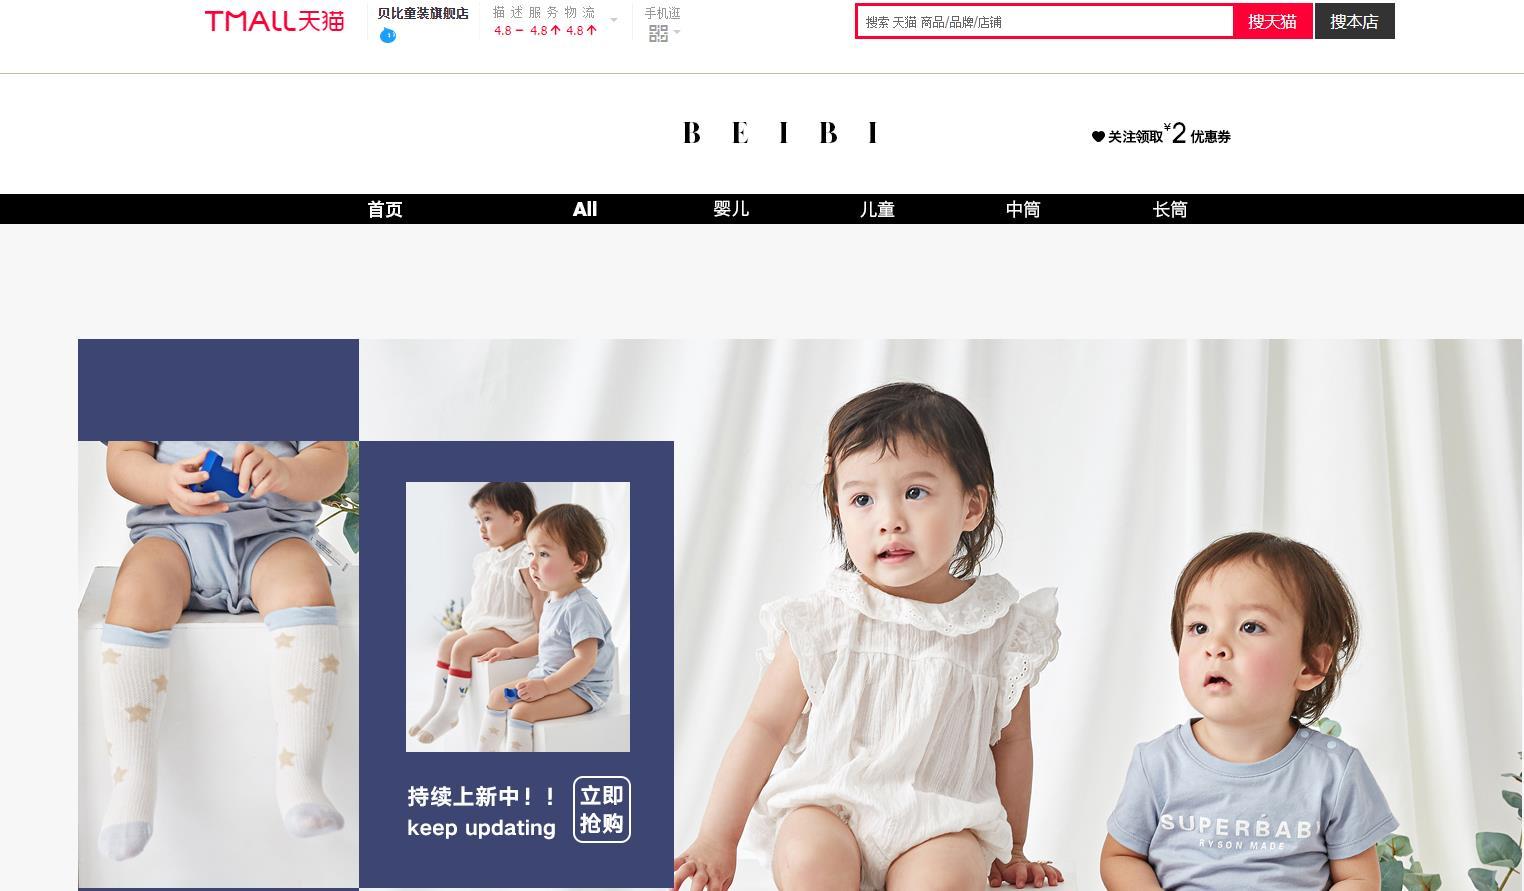 贝比(BEIBI)童装官网 贝比童装官方旗舰店